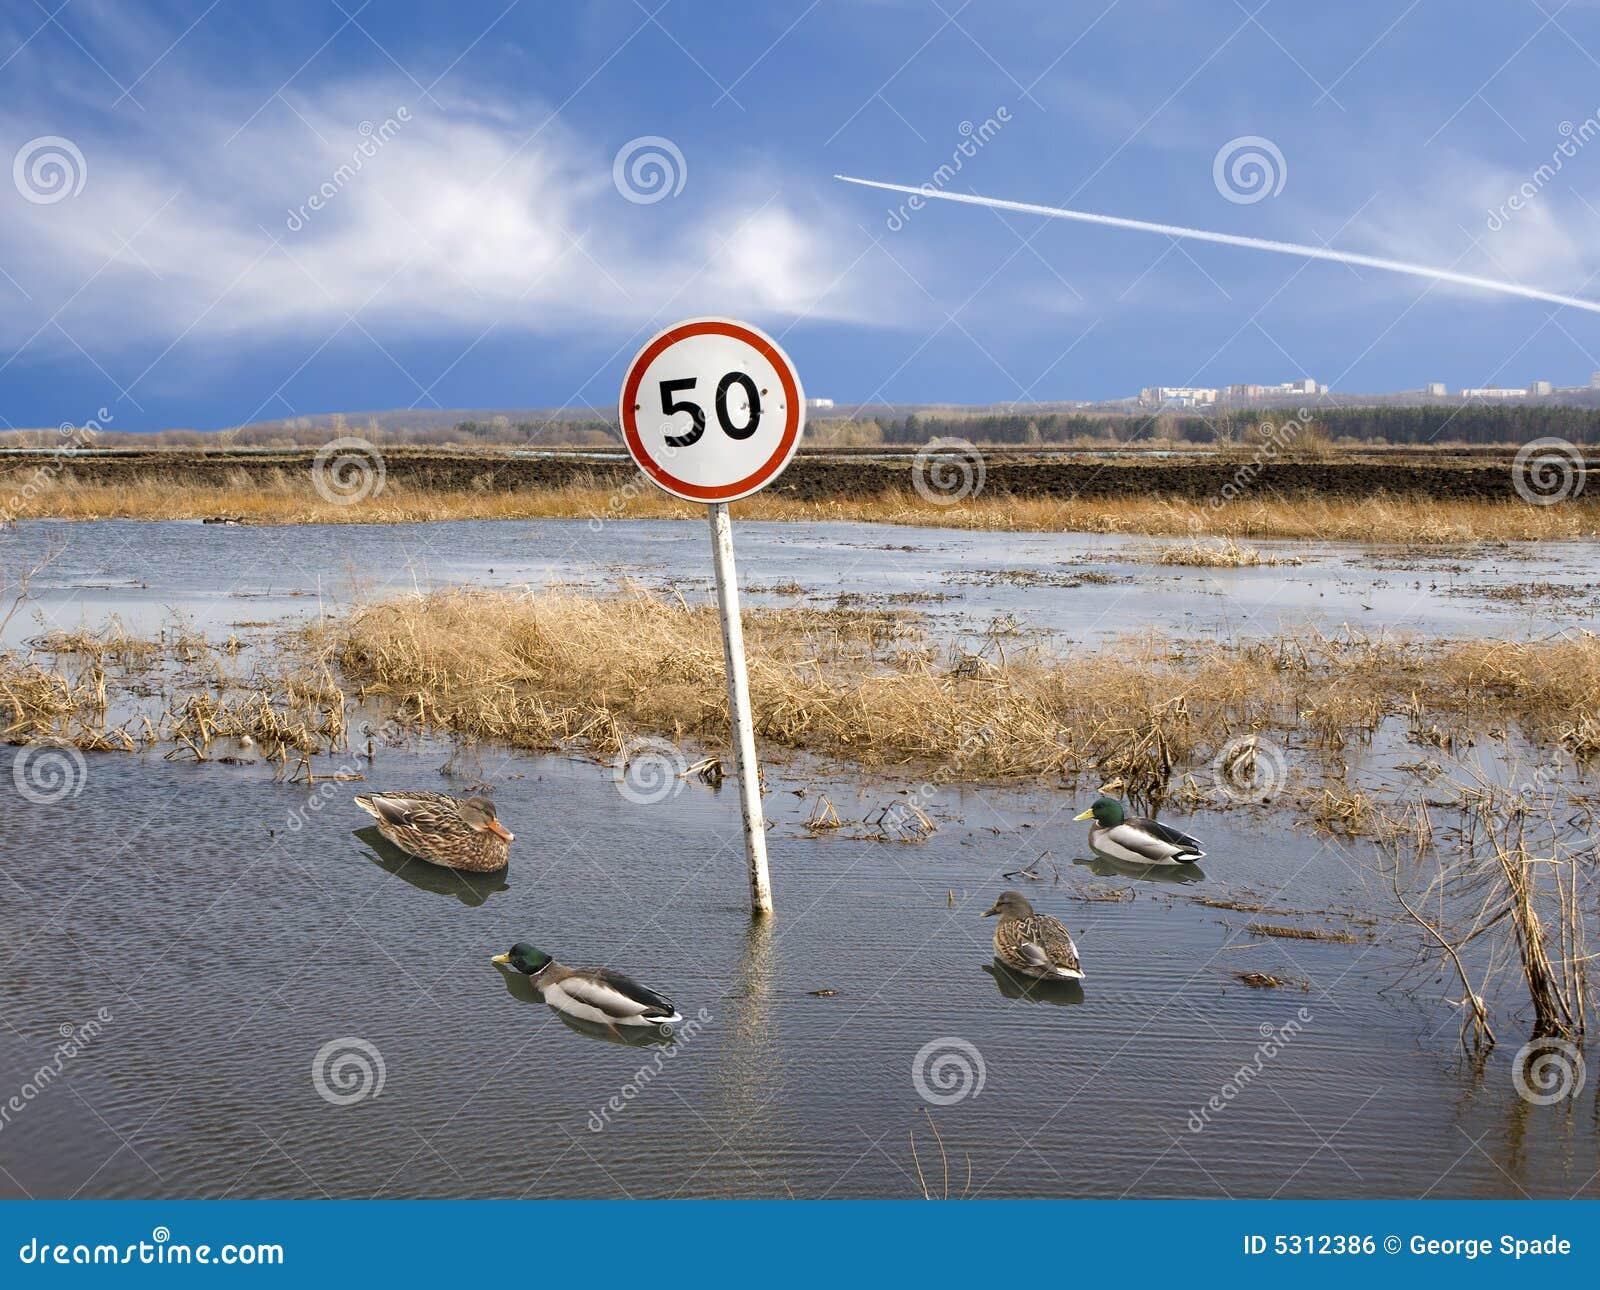 Download Velocità 50 4 fotografia stock. Immagine di mosca, anatra - 5312386